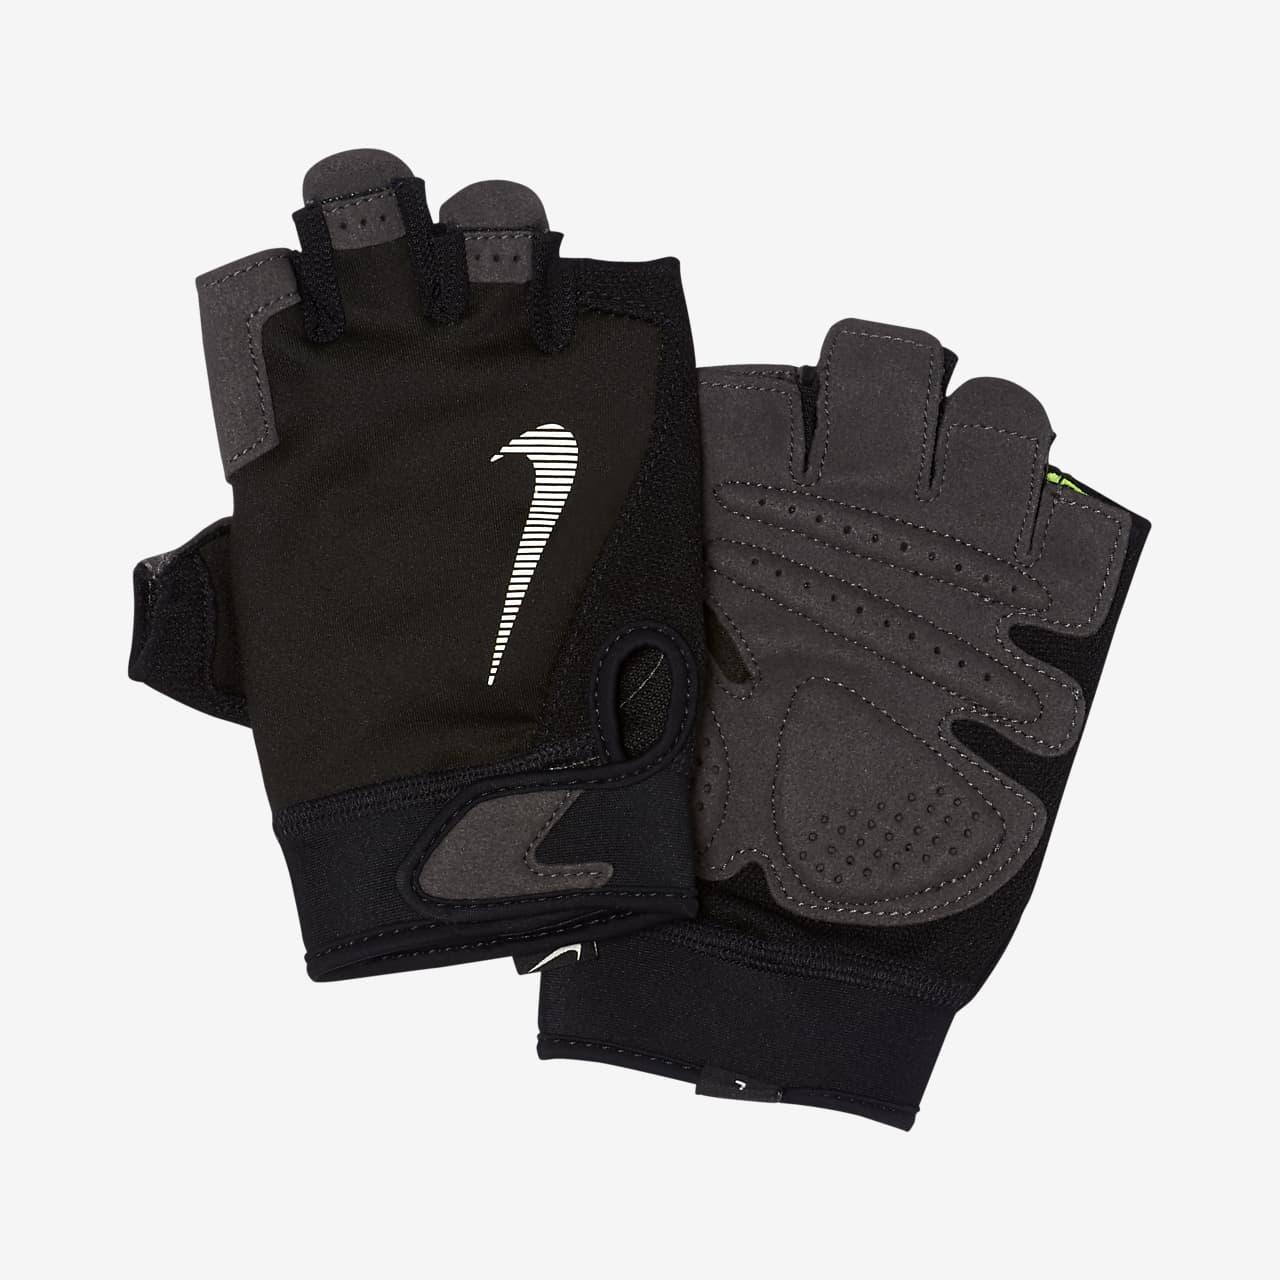 Gants de training Nike Ultimate pour Homme